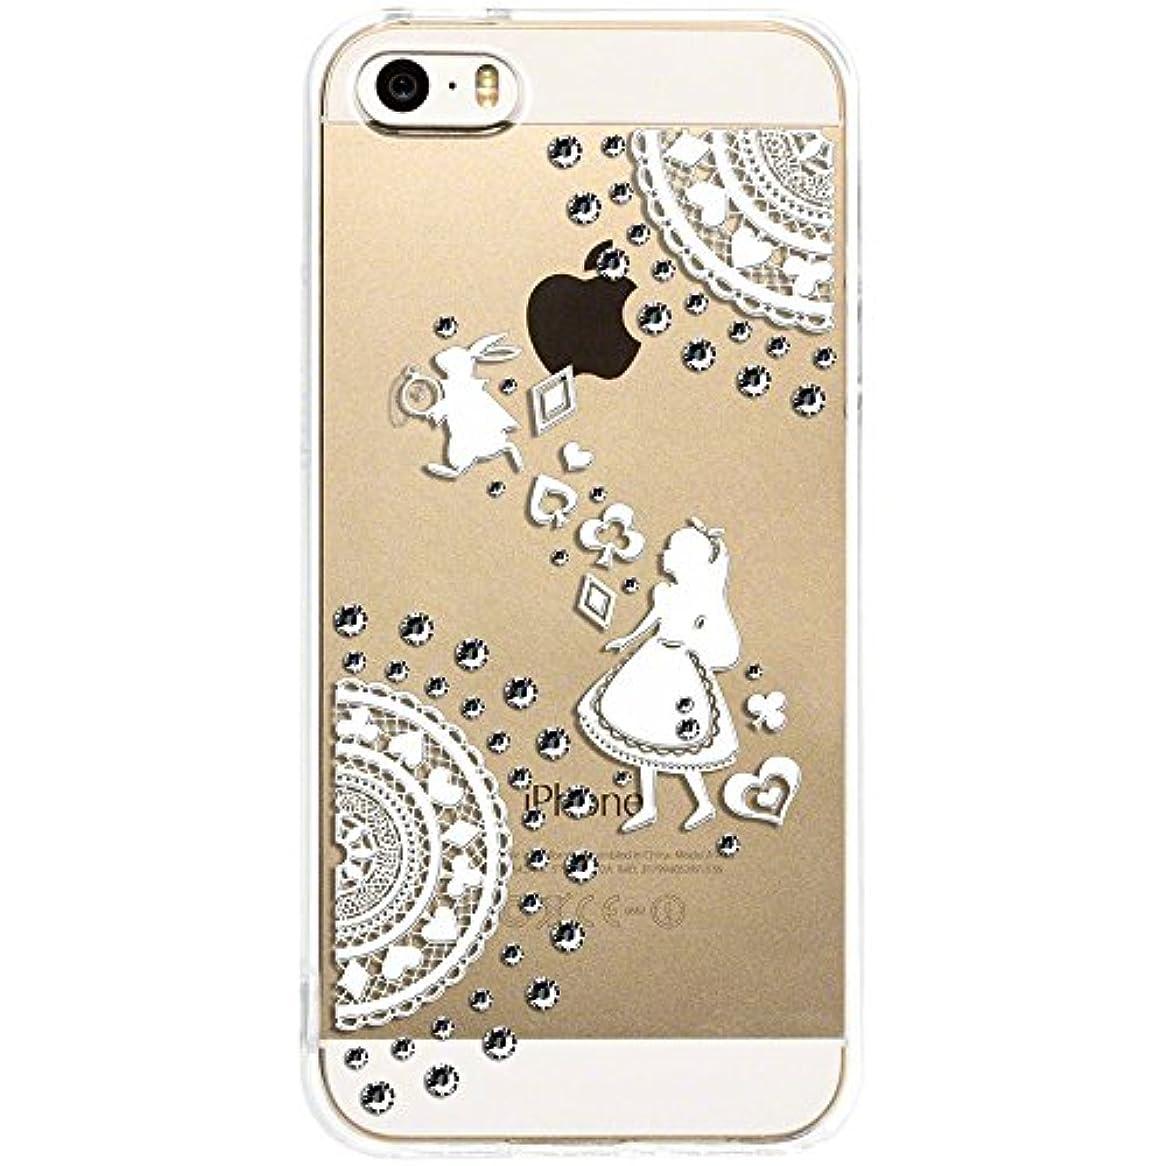 驚くばかり労苦分析的otas iPhone5S iPhone5 ケース 本物のスワロフスキーを贅沢にポイントデコした不思議の国のアリス(ホワイト)デザインケース クリアケースベース クリスタル 888-35058